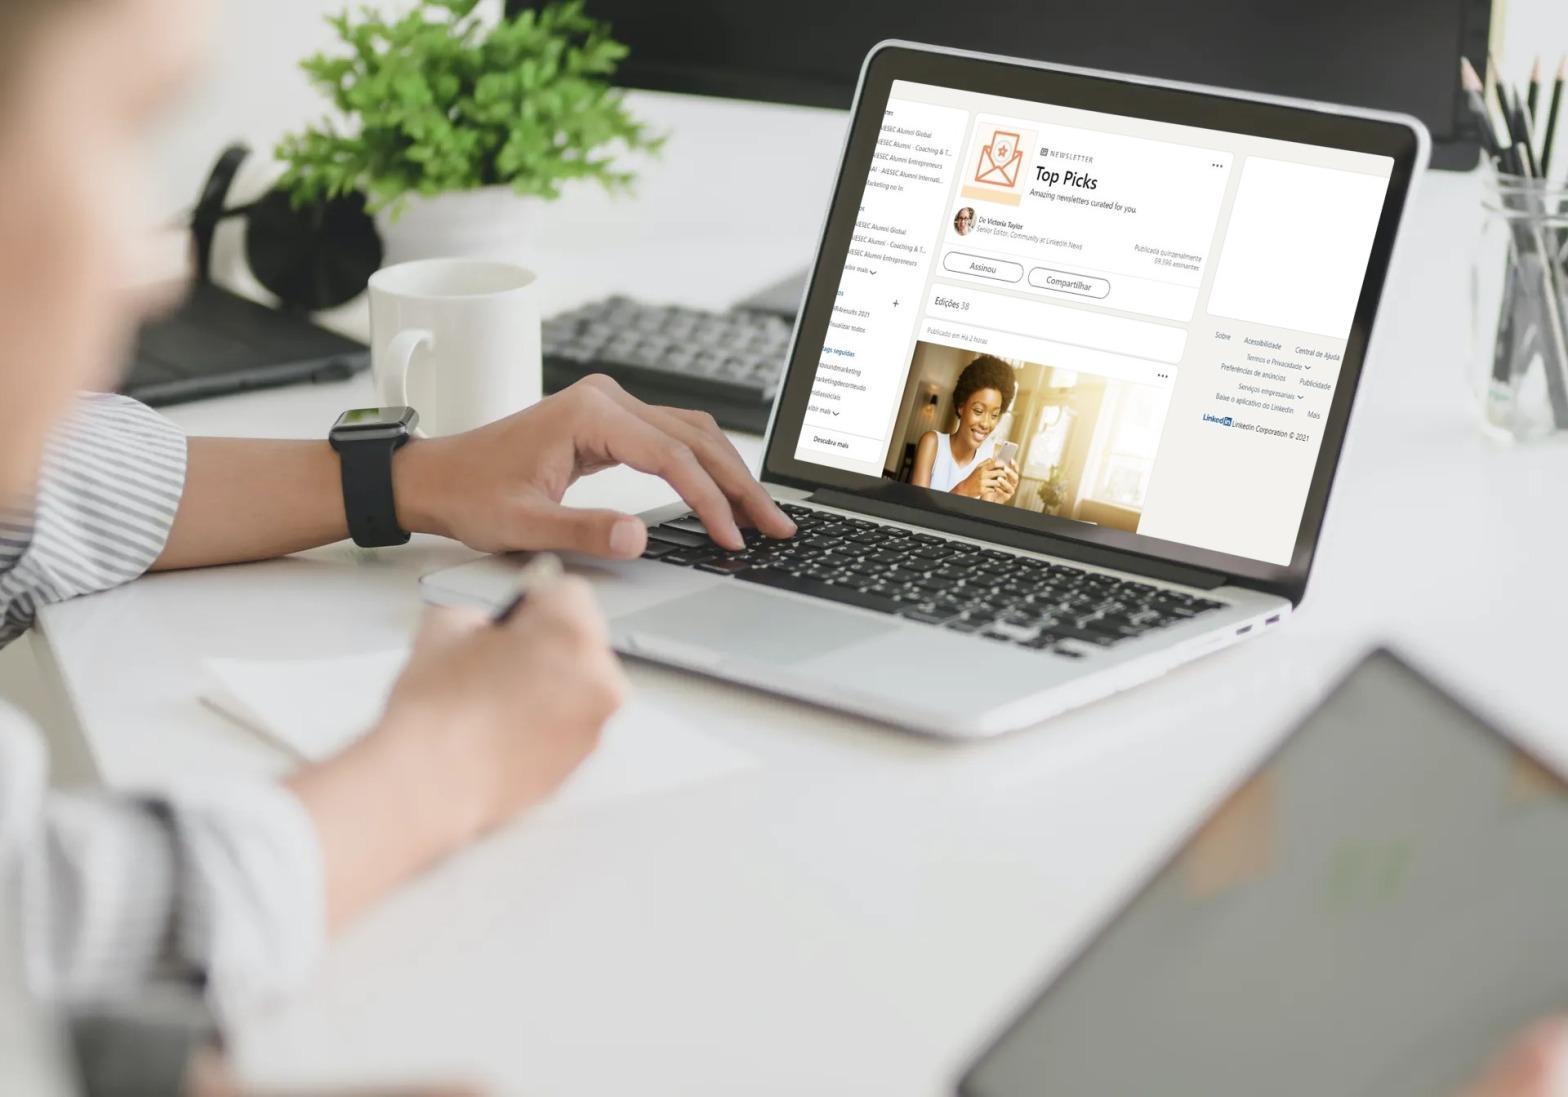 Newsletter do LinkedIn: rede social lança novo formato de conteúdo no Brasil